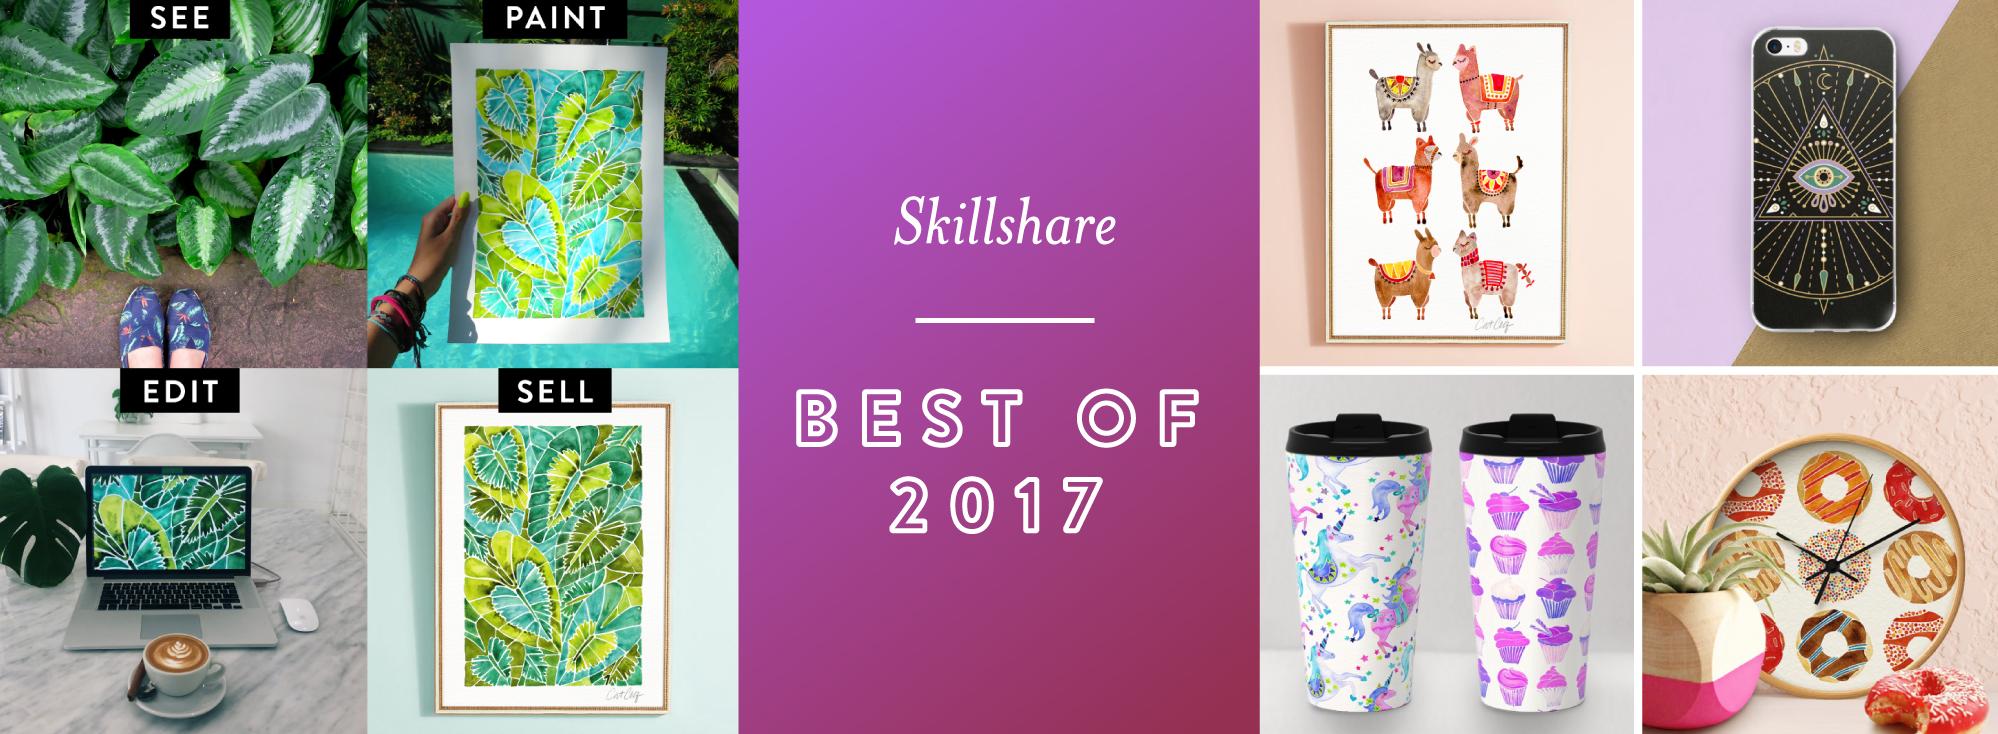 SkillshareBestof2017-header.jpg